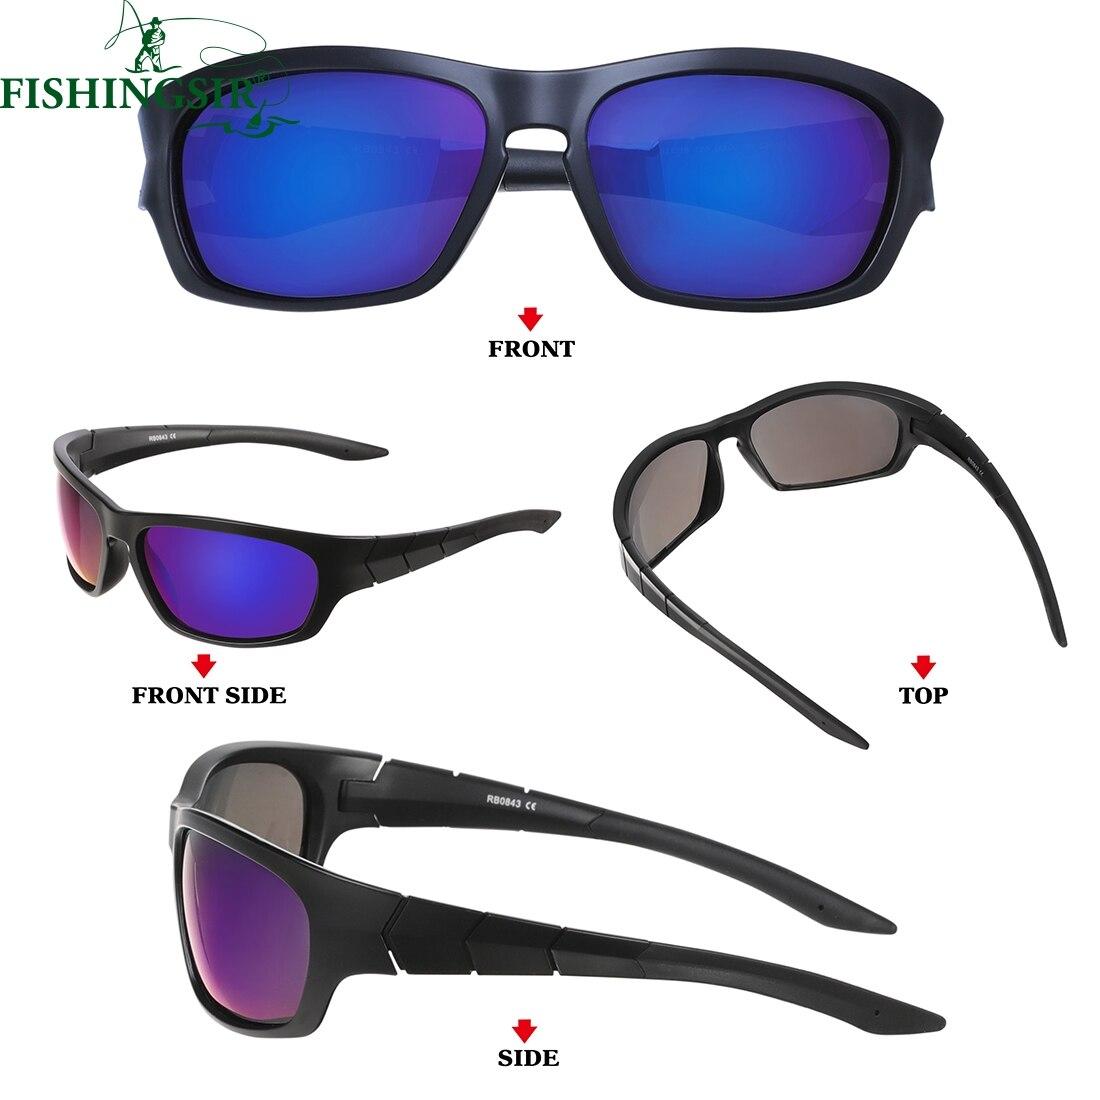 Поляризационные Рыбалка Солнцезащитные очки для женщин для Для мужчин Для женщин UV400 защиты спортивные Велоспорт зима Защита от солнца Очк...